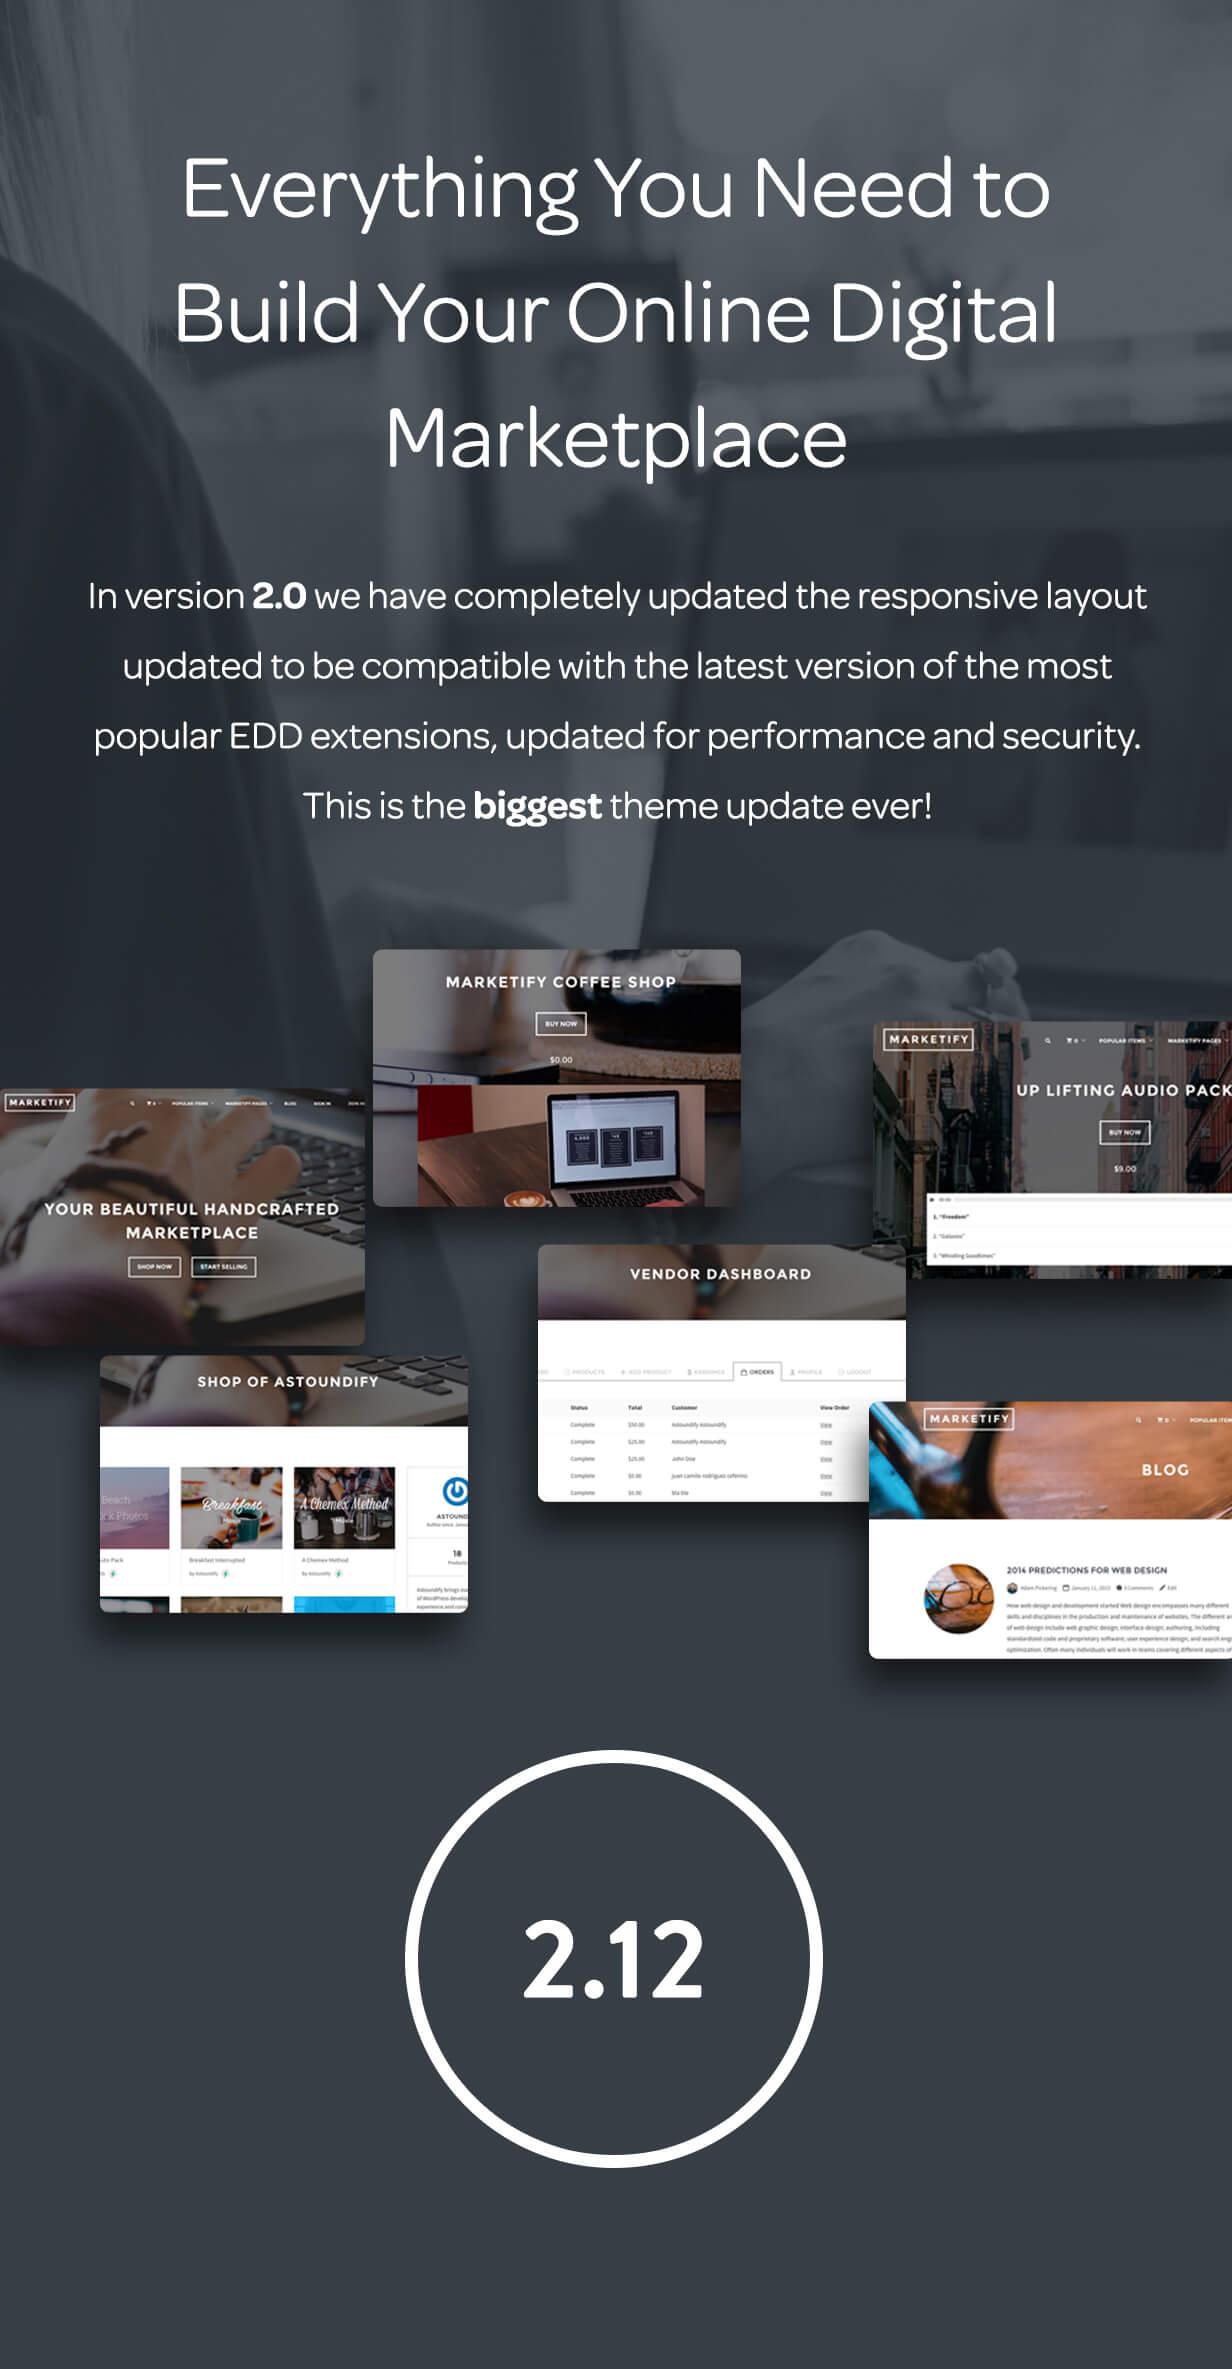 Marketify Digital Marketplace Wordpress Theme By